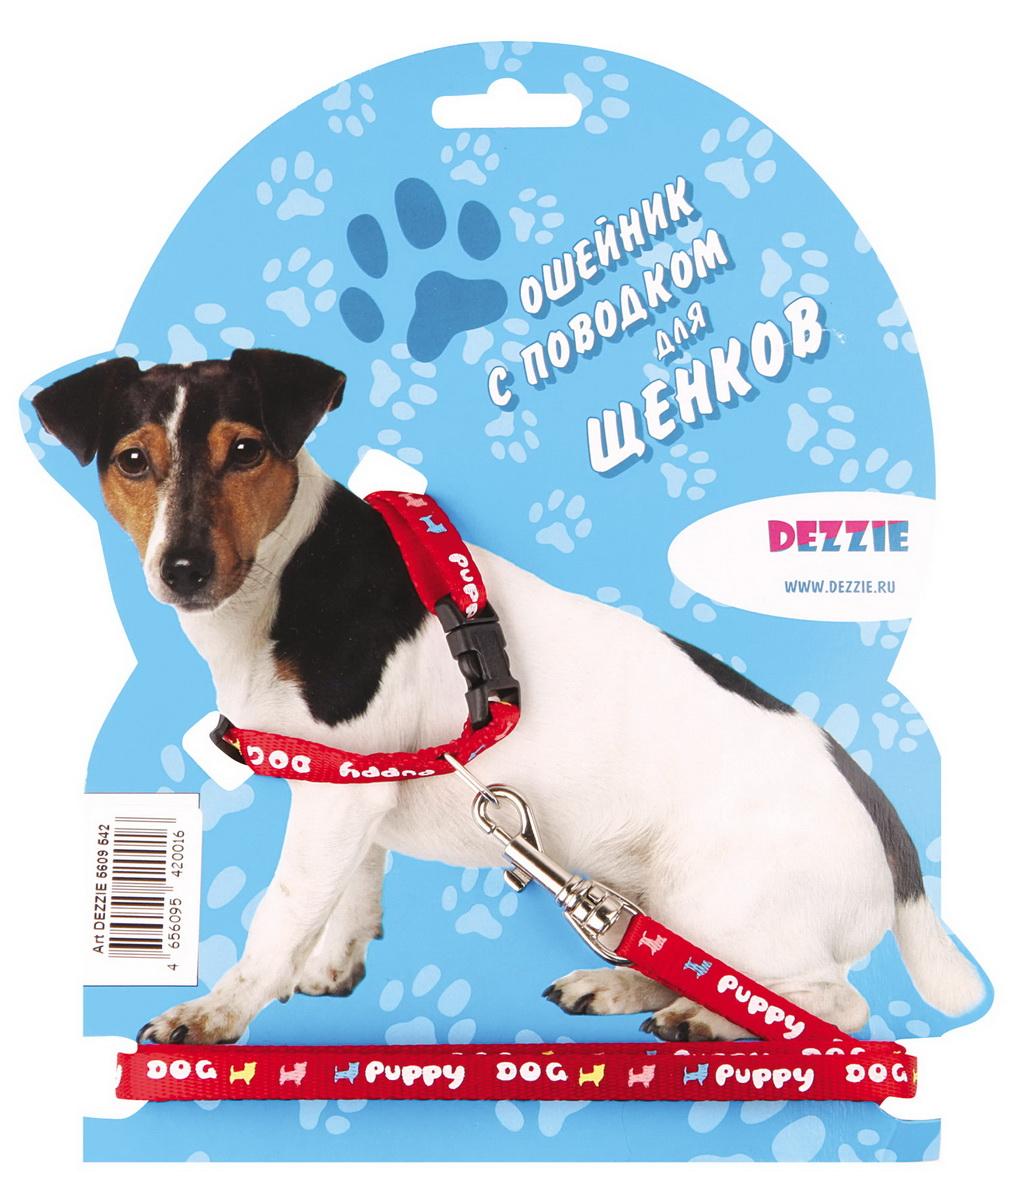 Комплект для прогулки для щенков Dezzie, цвет: красный5609542Комплект для щенков. Стильная и красивая амуниция. Имеет эффектный внешний вид.